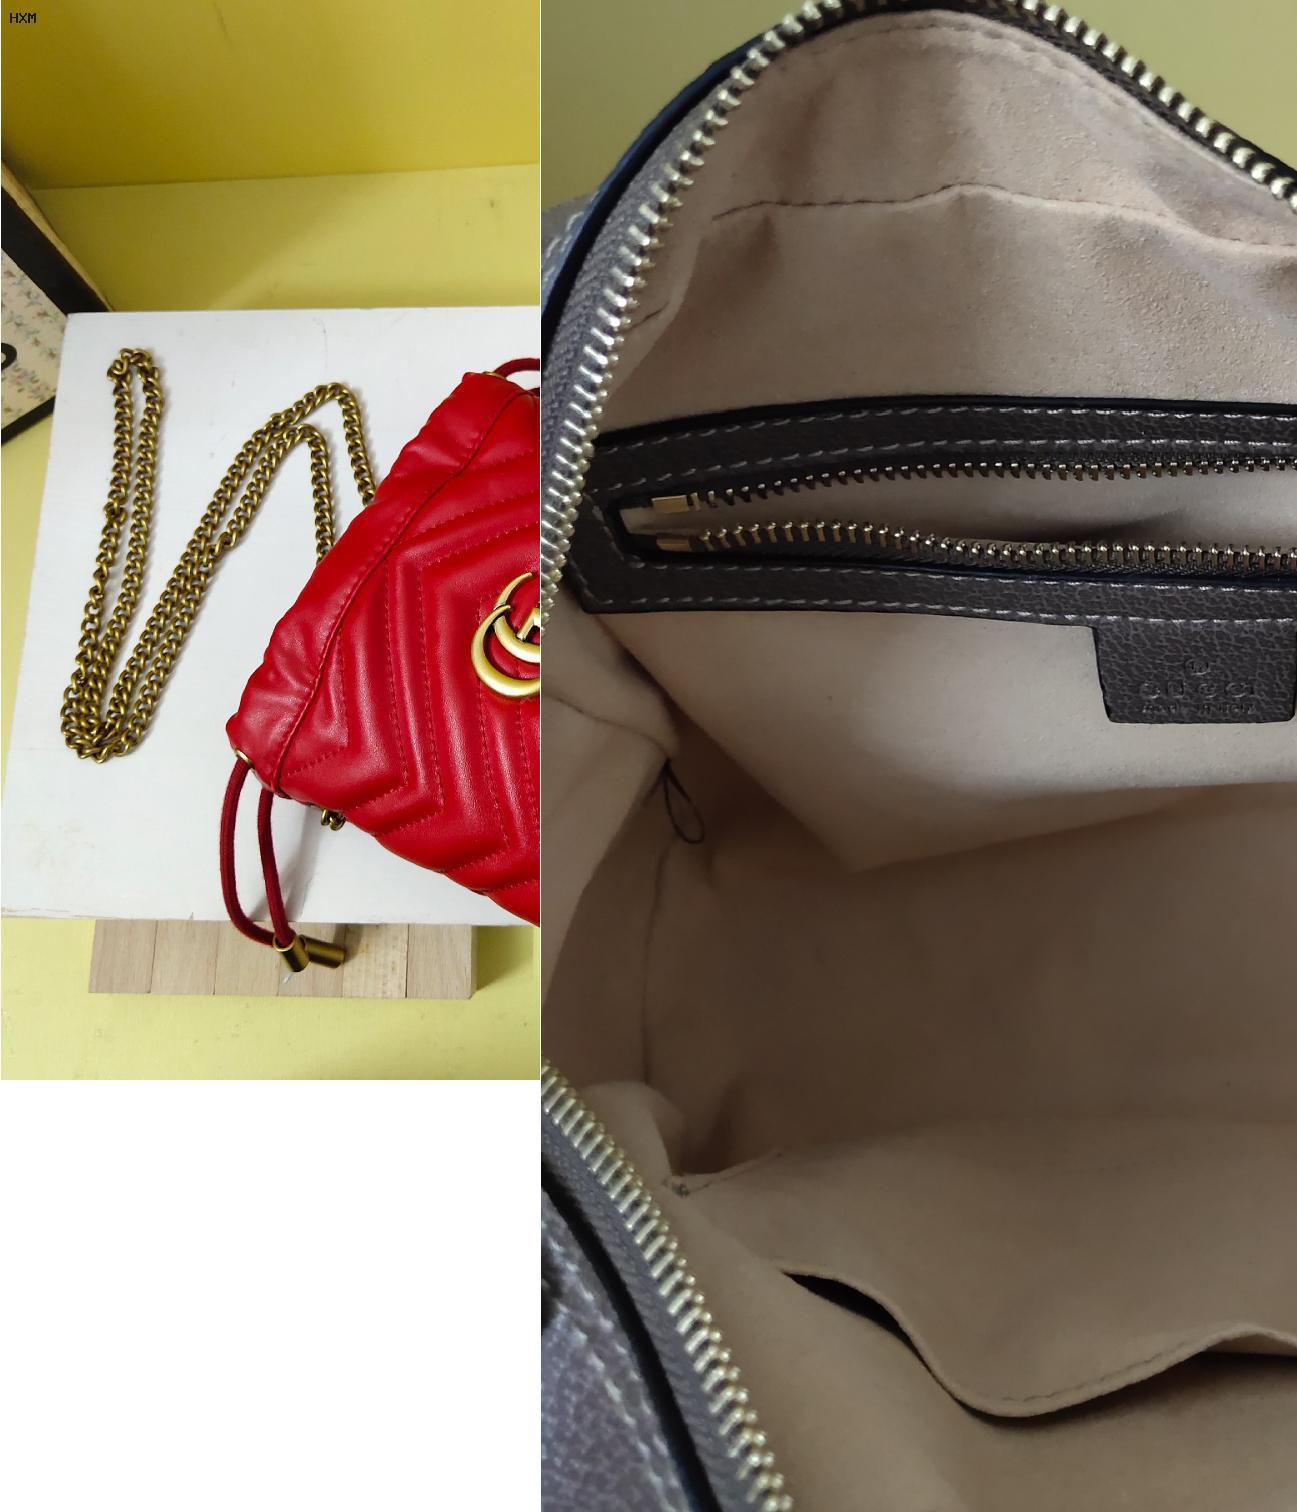 borsa e cintura gucci